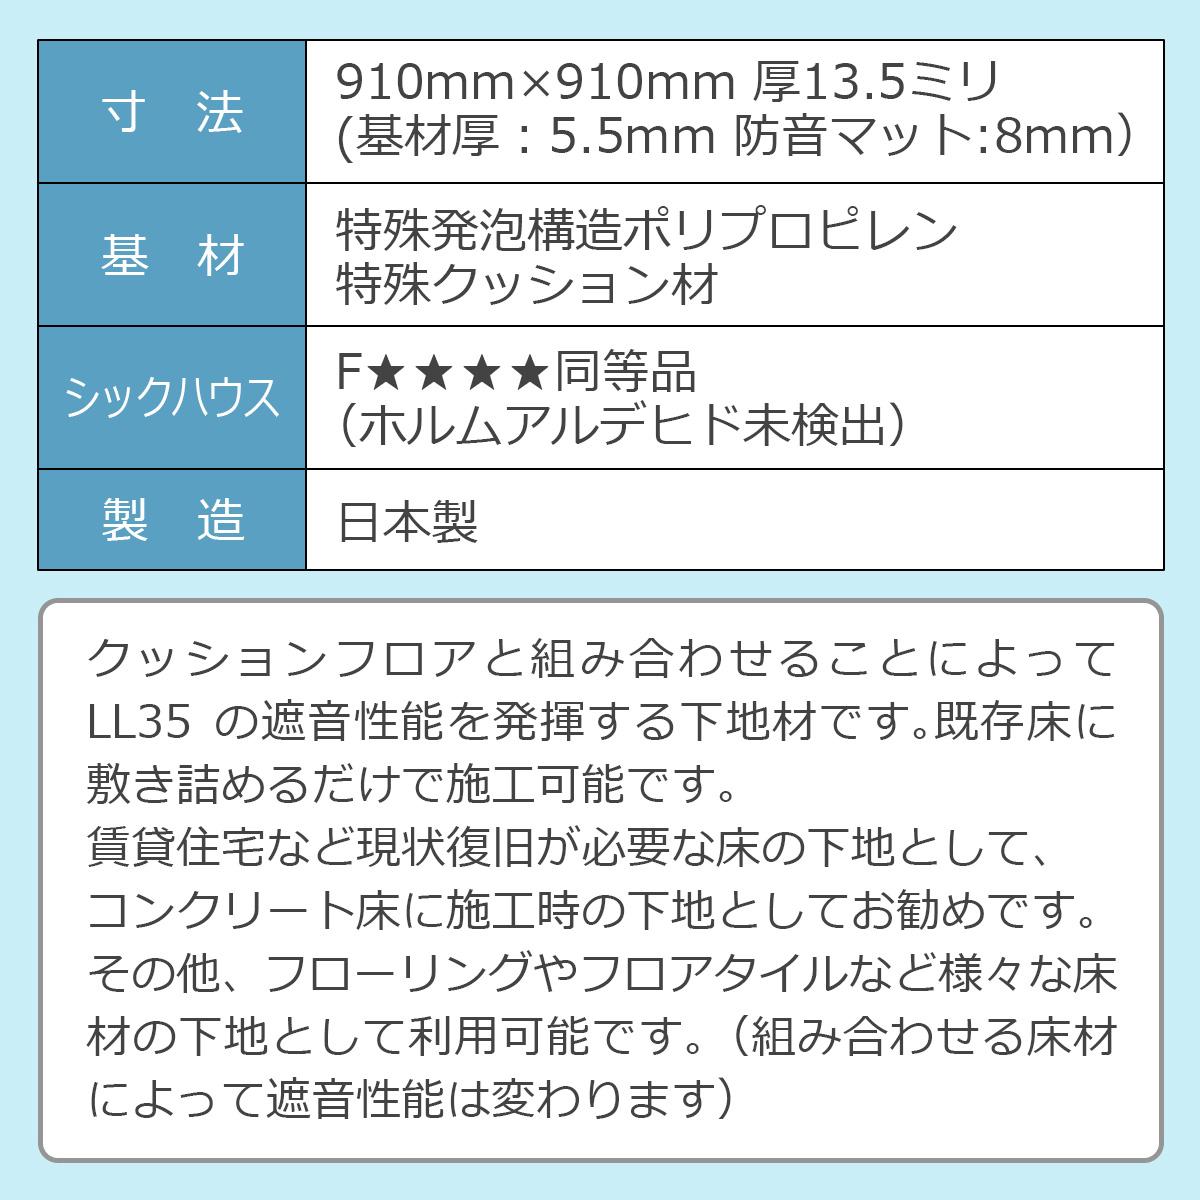 LL35遮音下地材の性能